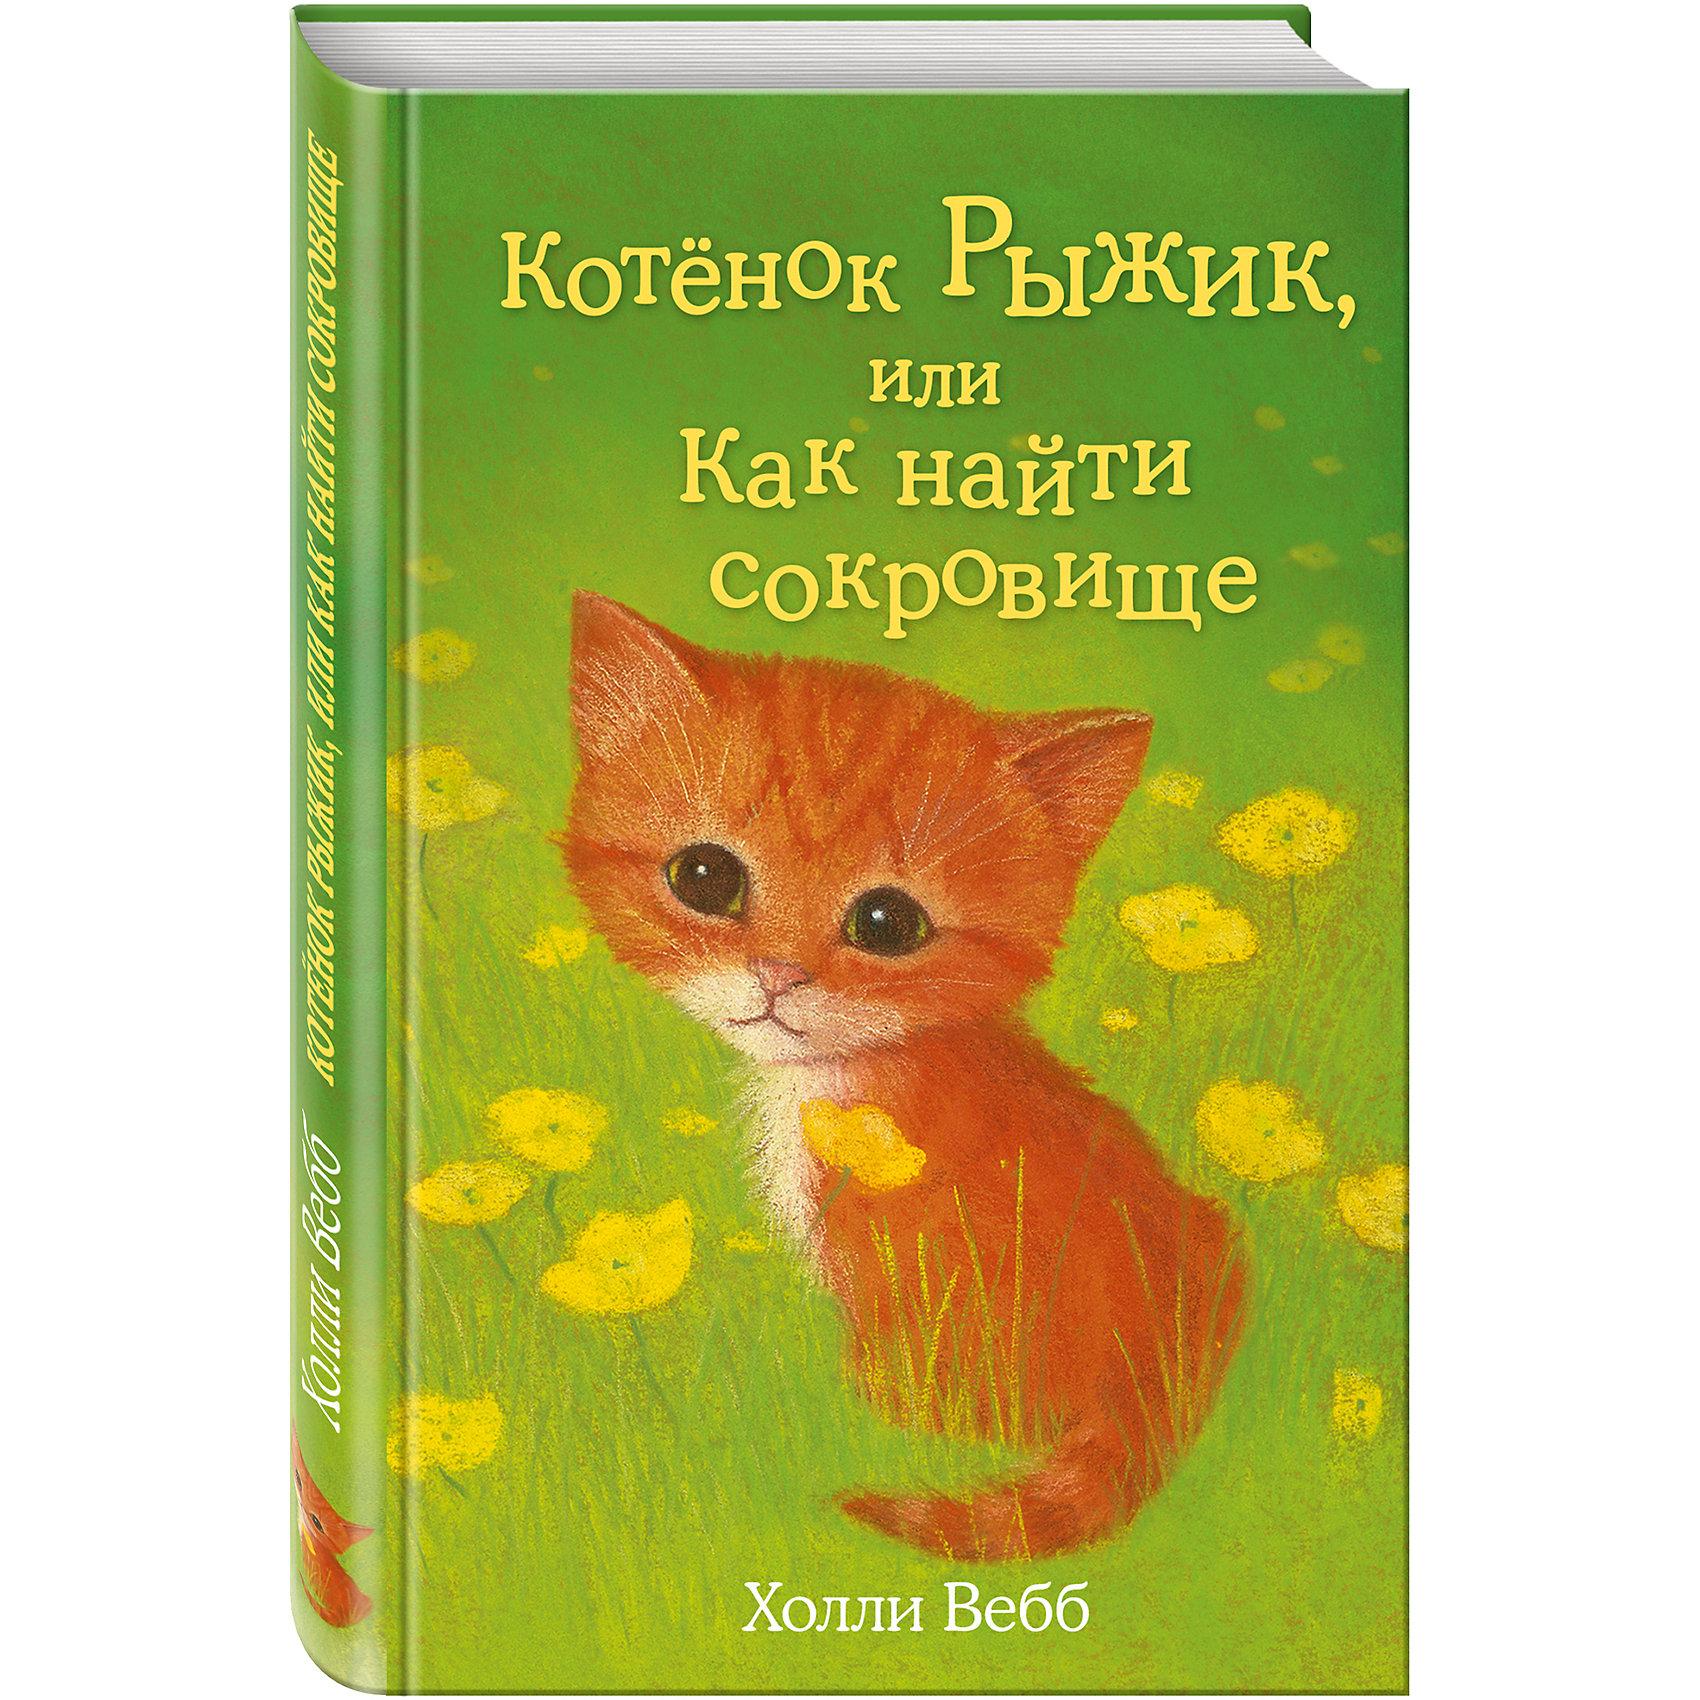 Котёнок Рыжик, или Как найти сокровищеДевочка Рози давно мечтала о котенке, но мама никак не соглашалась. Так что Рози ходила на ферму неподалеку и наблюдала за живущими там котятами. Особенно ей приглянулся один, ярко-рыжий, которого она про себя так и назвала – Рыжик. Но однажды ферму продали, а всех кошек забрали сотрудники приюта. Рози очень испугалась, что никогда больше не увидит Рыжика, и даже уговорила маму взять его к себе. Но, когда они приехали в приют, оказалось, что Рыжика там нет! <br>Куда же он пропал? И где его искать? Неужели маленькое рыжее счастье не поселится в доме у Рози?<br><br>Ширина мм: 200<br>Глубина мм: 125<br>Высота мм: 12<br>Вес г: 256<br>Возраст от месяцев: 36<br>Возраст до месяцев: 72<br>Пол: Унисекс<br>Возраст: Детский<br>SKU: 4753485